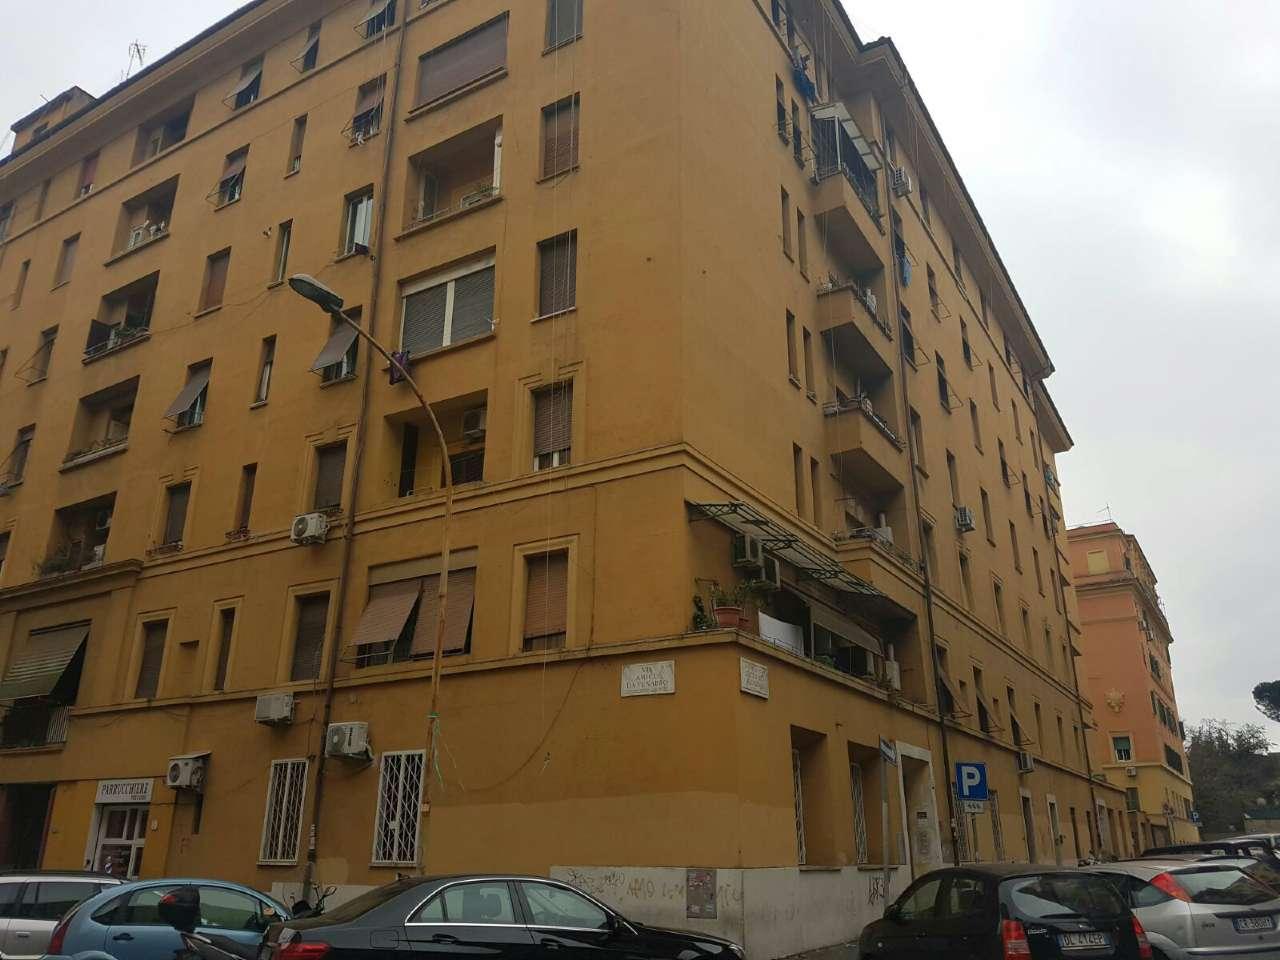 Appartamento in vendita a Roma, 2 locali, zona Zona: 10 . Pigneto, Largo Preneste, prezzo € 165.000   CambioCasa.it